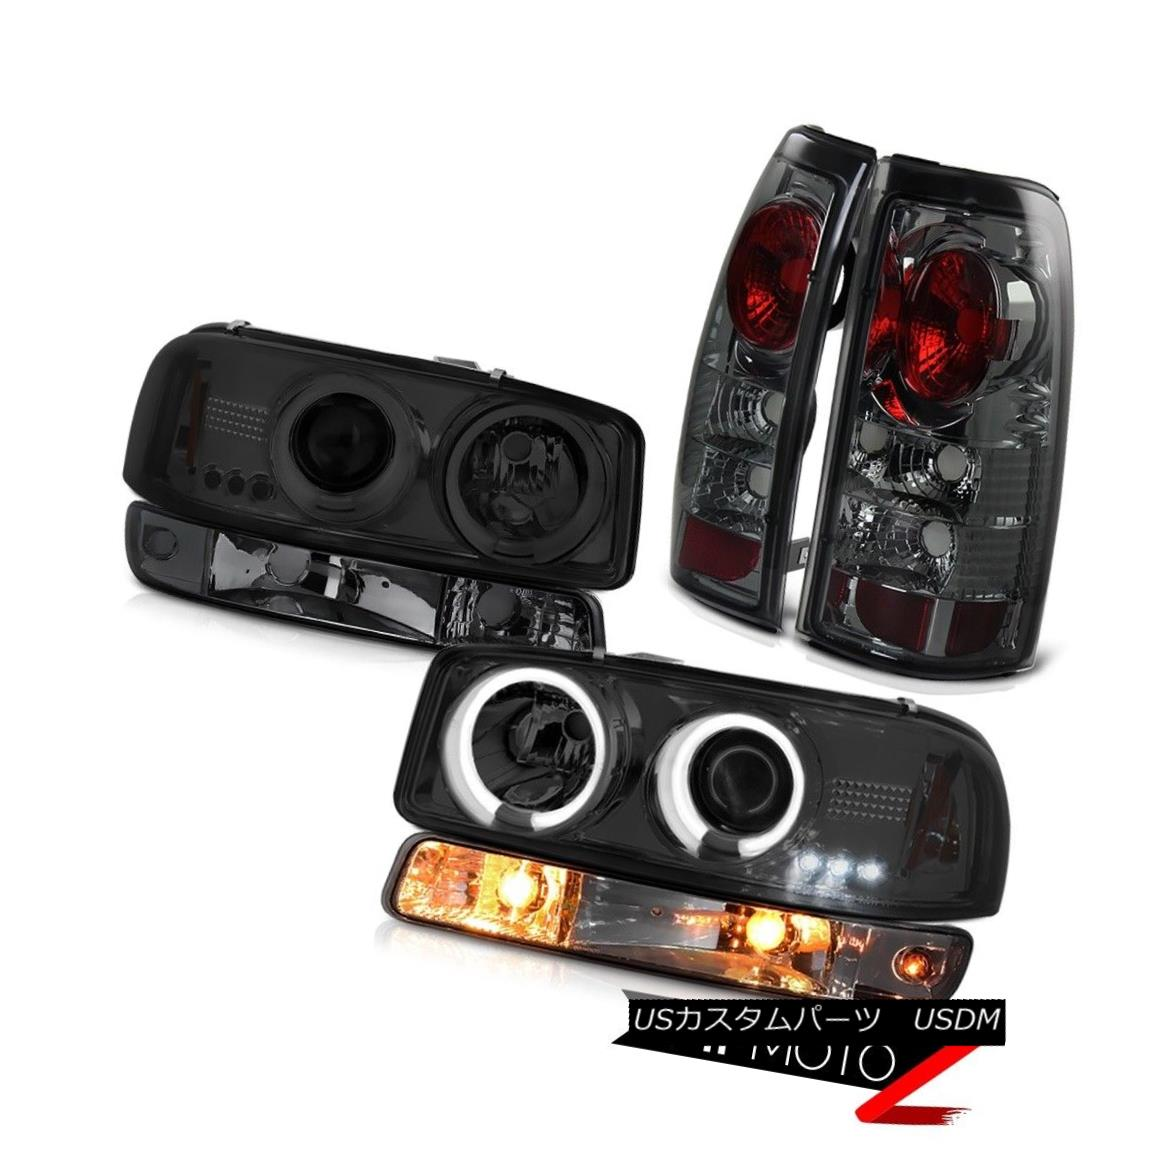 ヘッドライト 99-02 Sierra WT Phantom smoke tail lamps parking lamp ccfl headlights Halo Rim 99-02 Sierra WTファントム煙テールランプパーキングランプccflヘッドライトHalo Rim